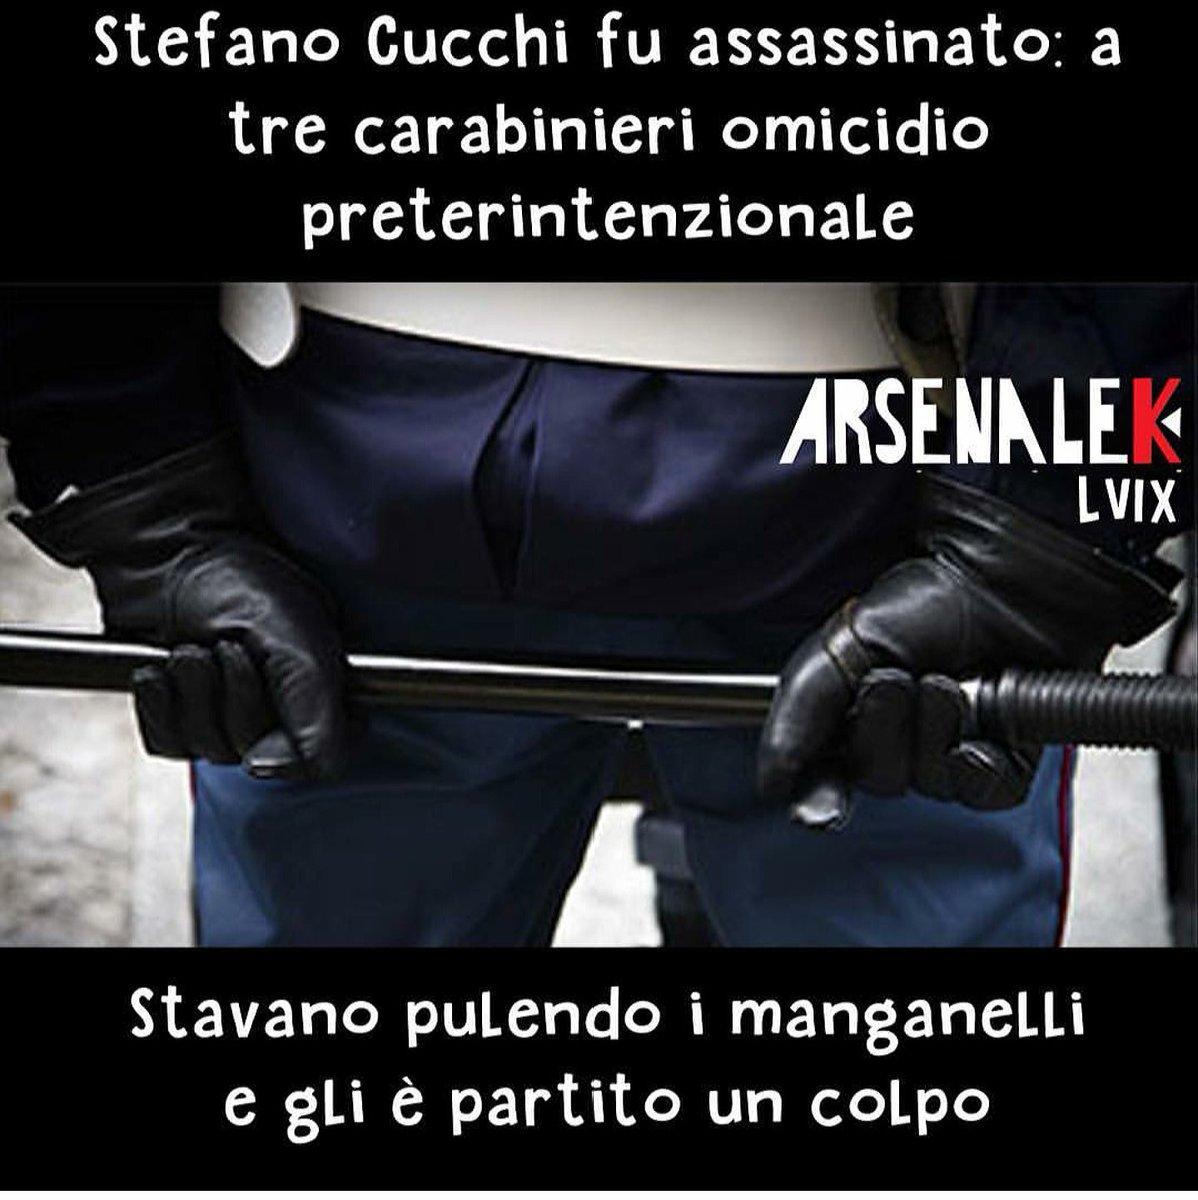 #Cucchi